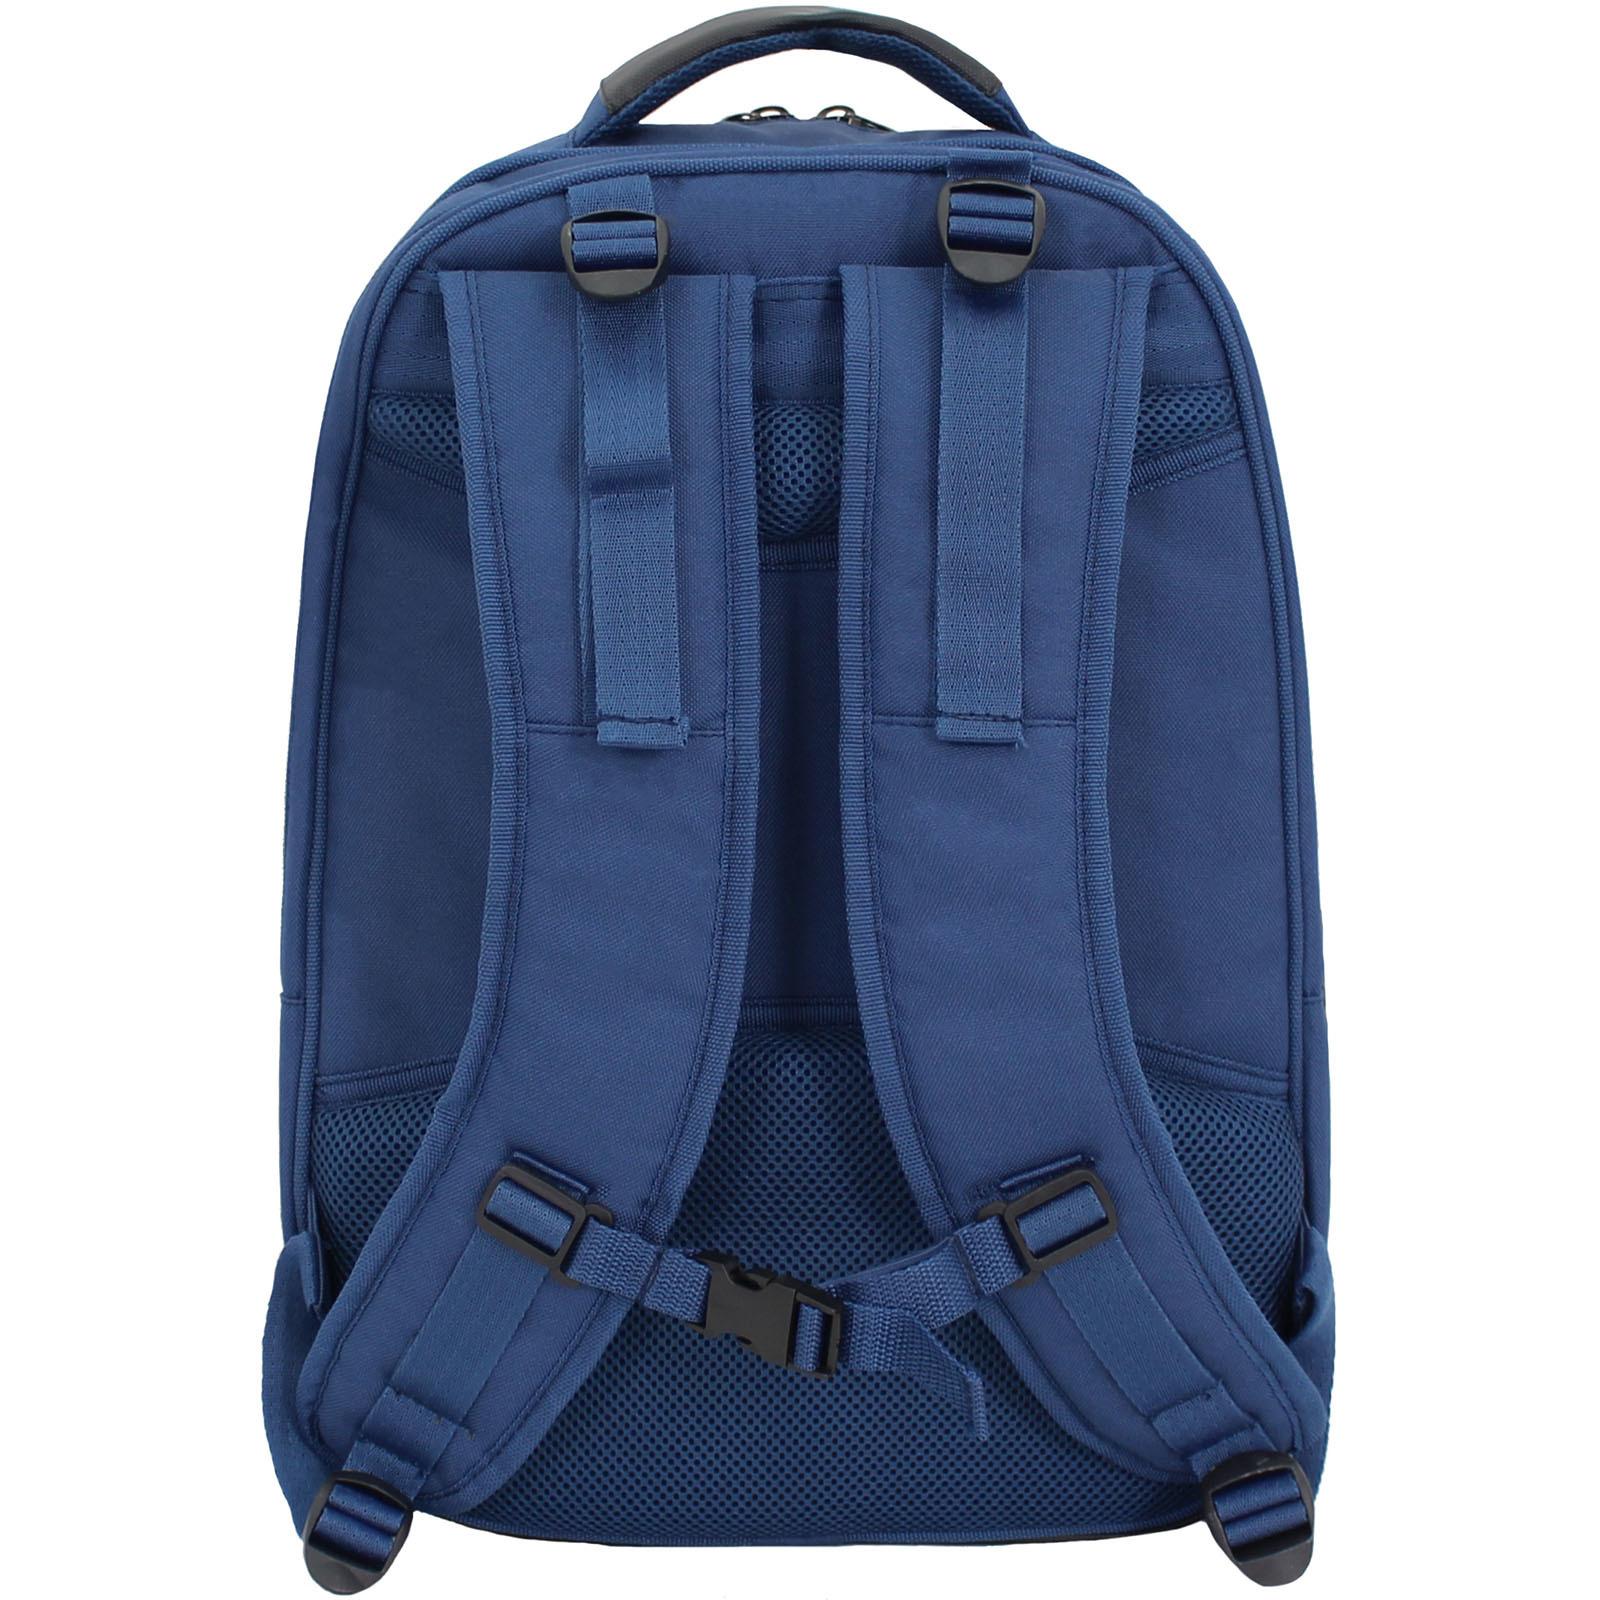 Рюкзак для ноутбука Bagland Рюкзак под ноутбук 536 22 л. Синий (0053666) фото 3